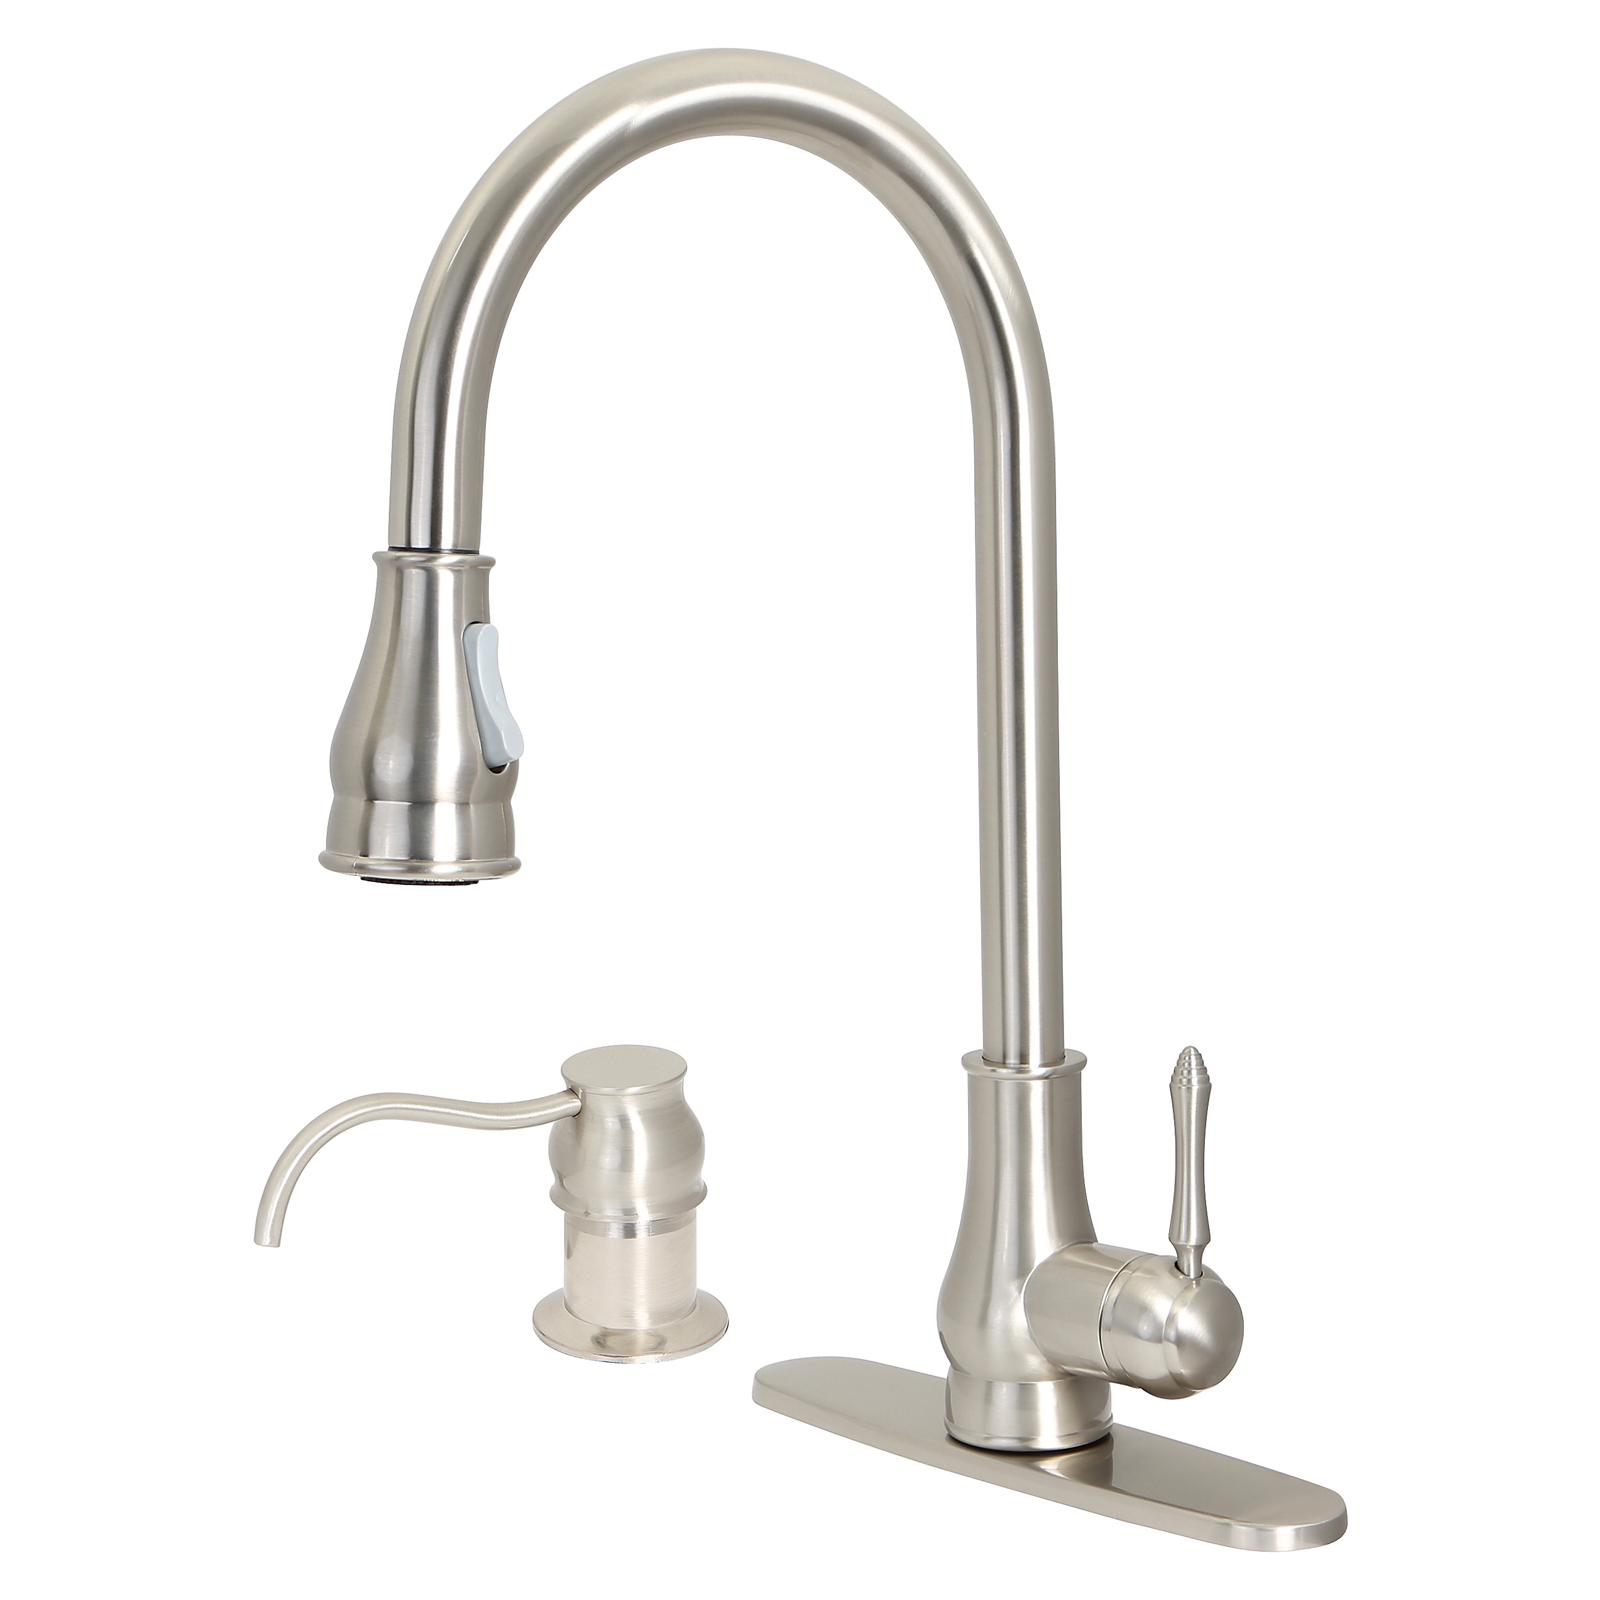 18 pull down kitchen sink faucet w soap dispenser ebay. Black Bedroom Furniture Sets. Home Design Ideas